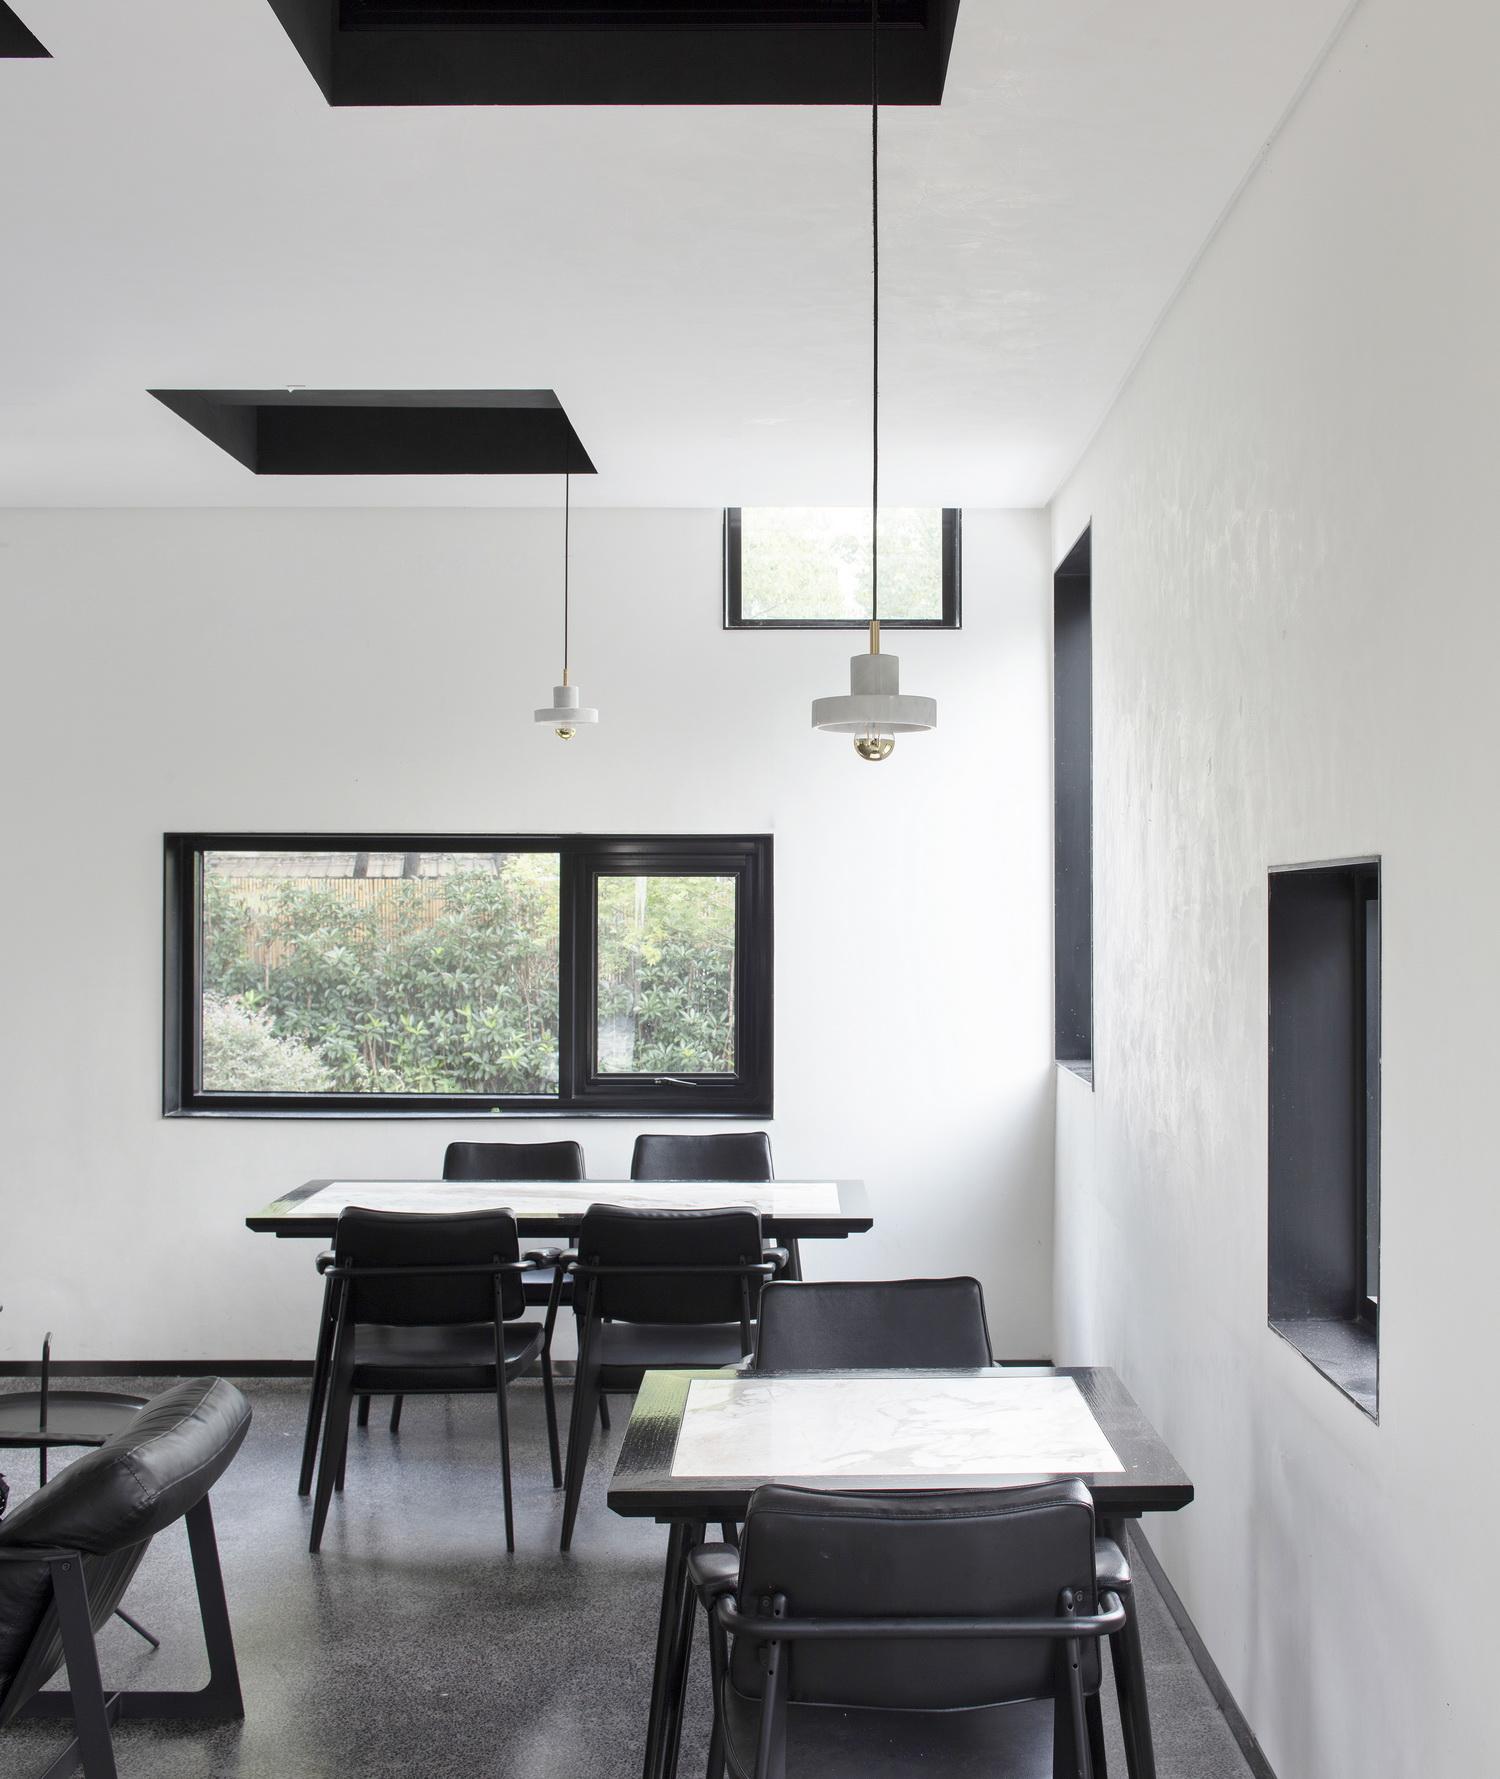 乌镇隐墅设计师酒店建筑改造设计 / 本位空间设计